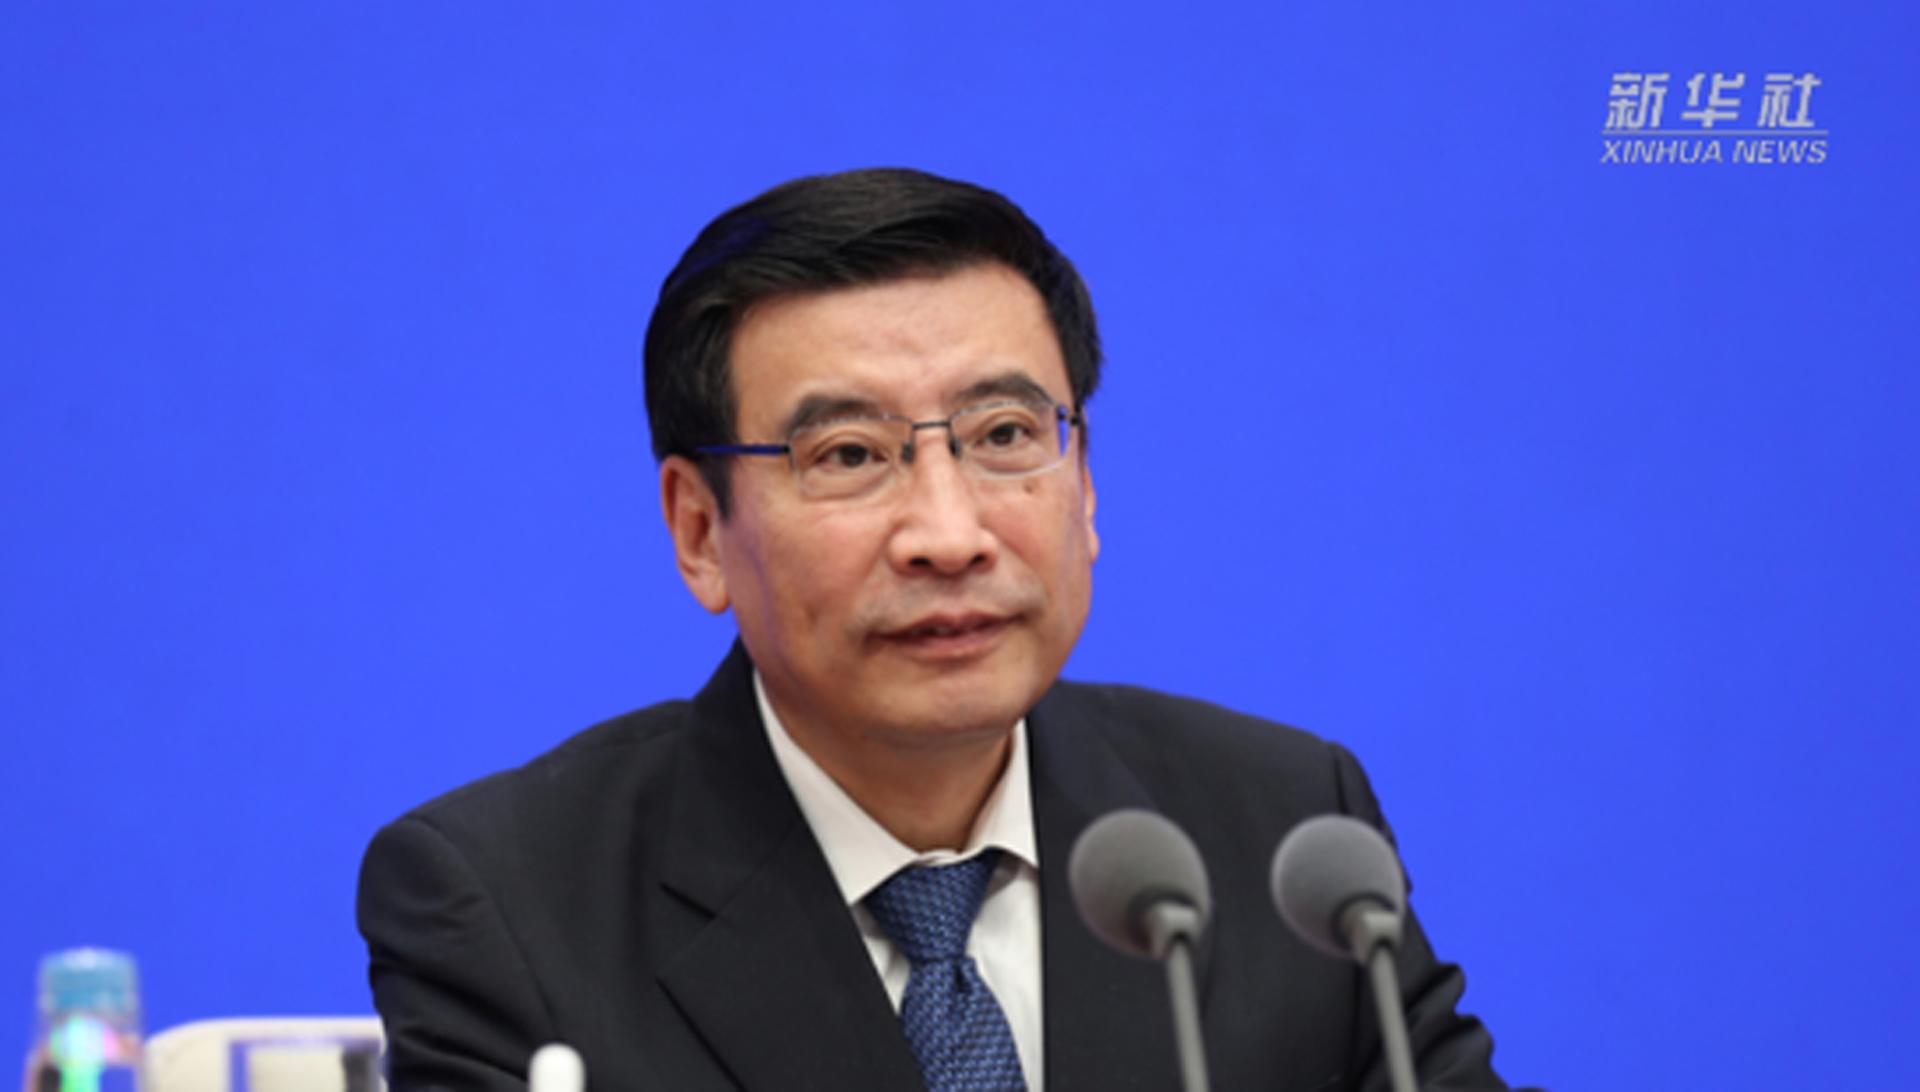 【中国财富报道】40%的外资企业表示近期还要加大对中国的投资